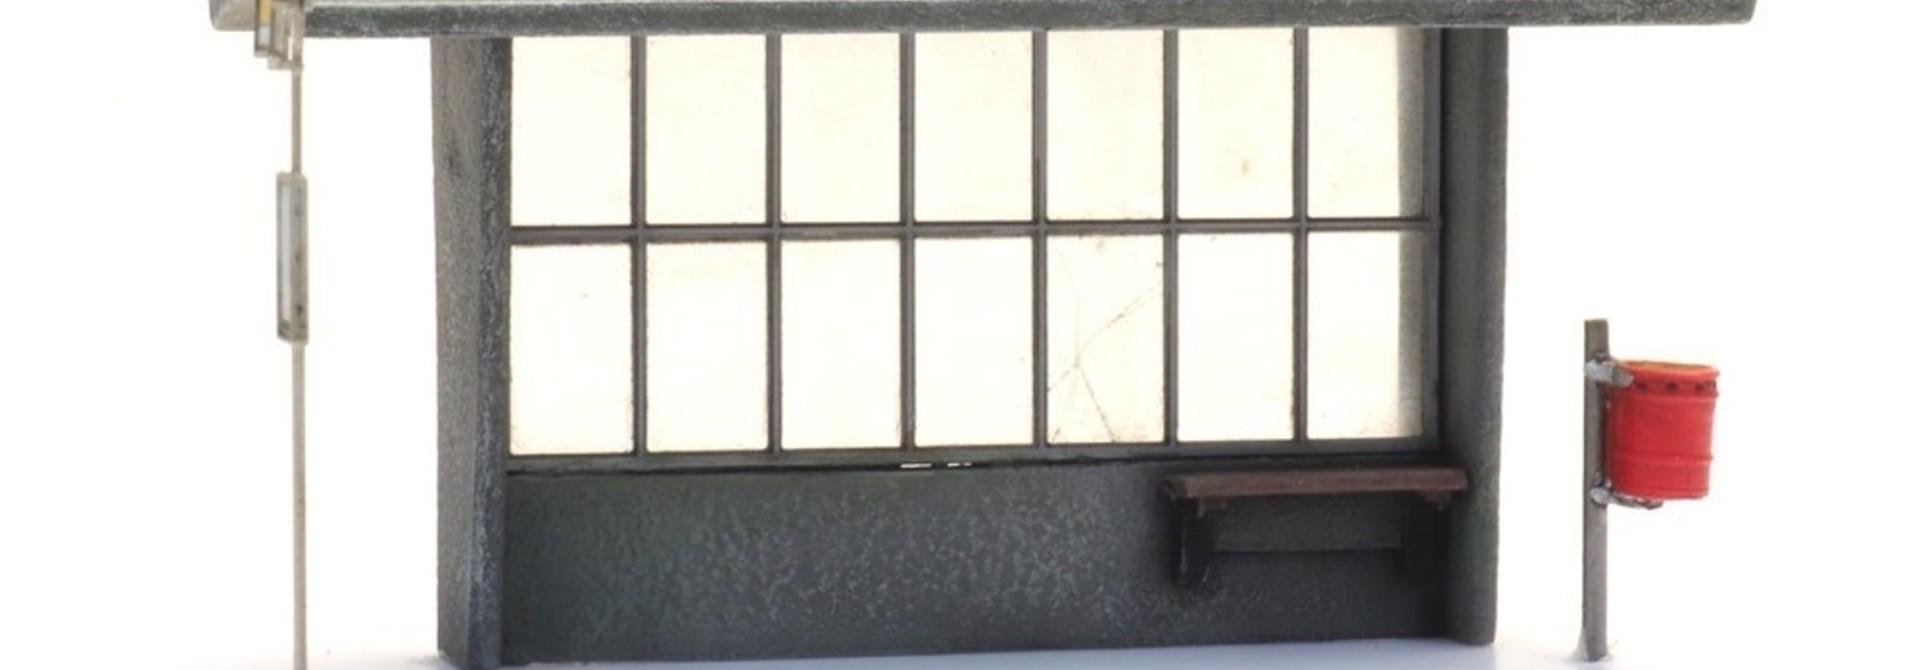 387453 Bushokje beton jaren '60 tot heden met haltebord en vuilnisbak